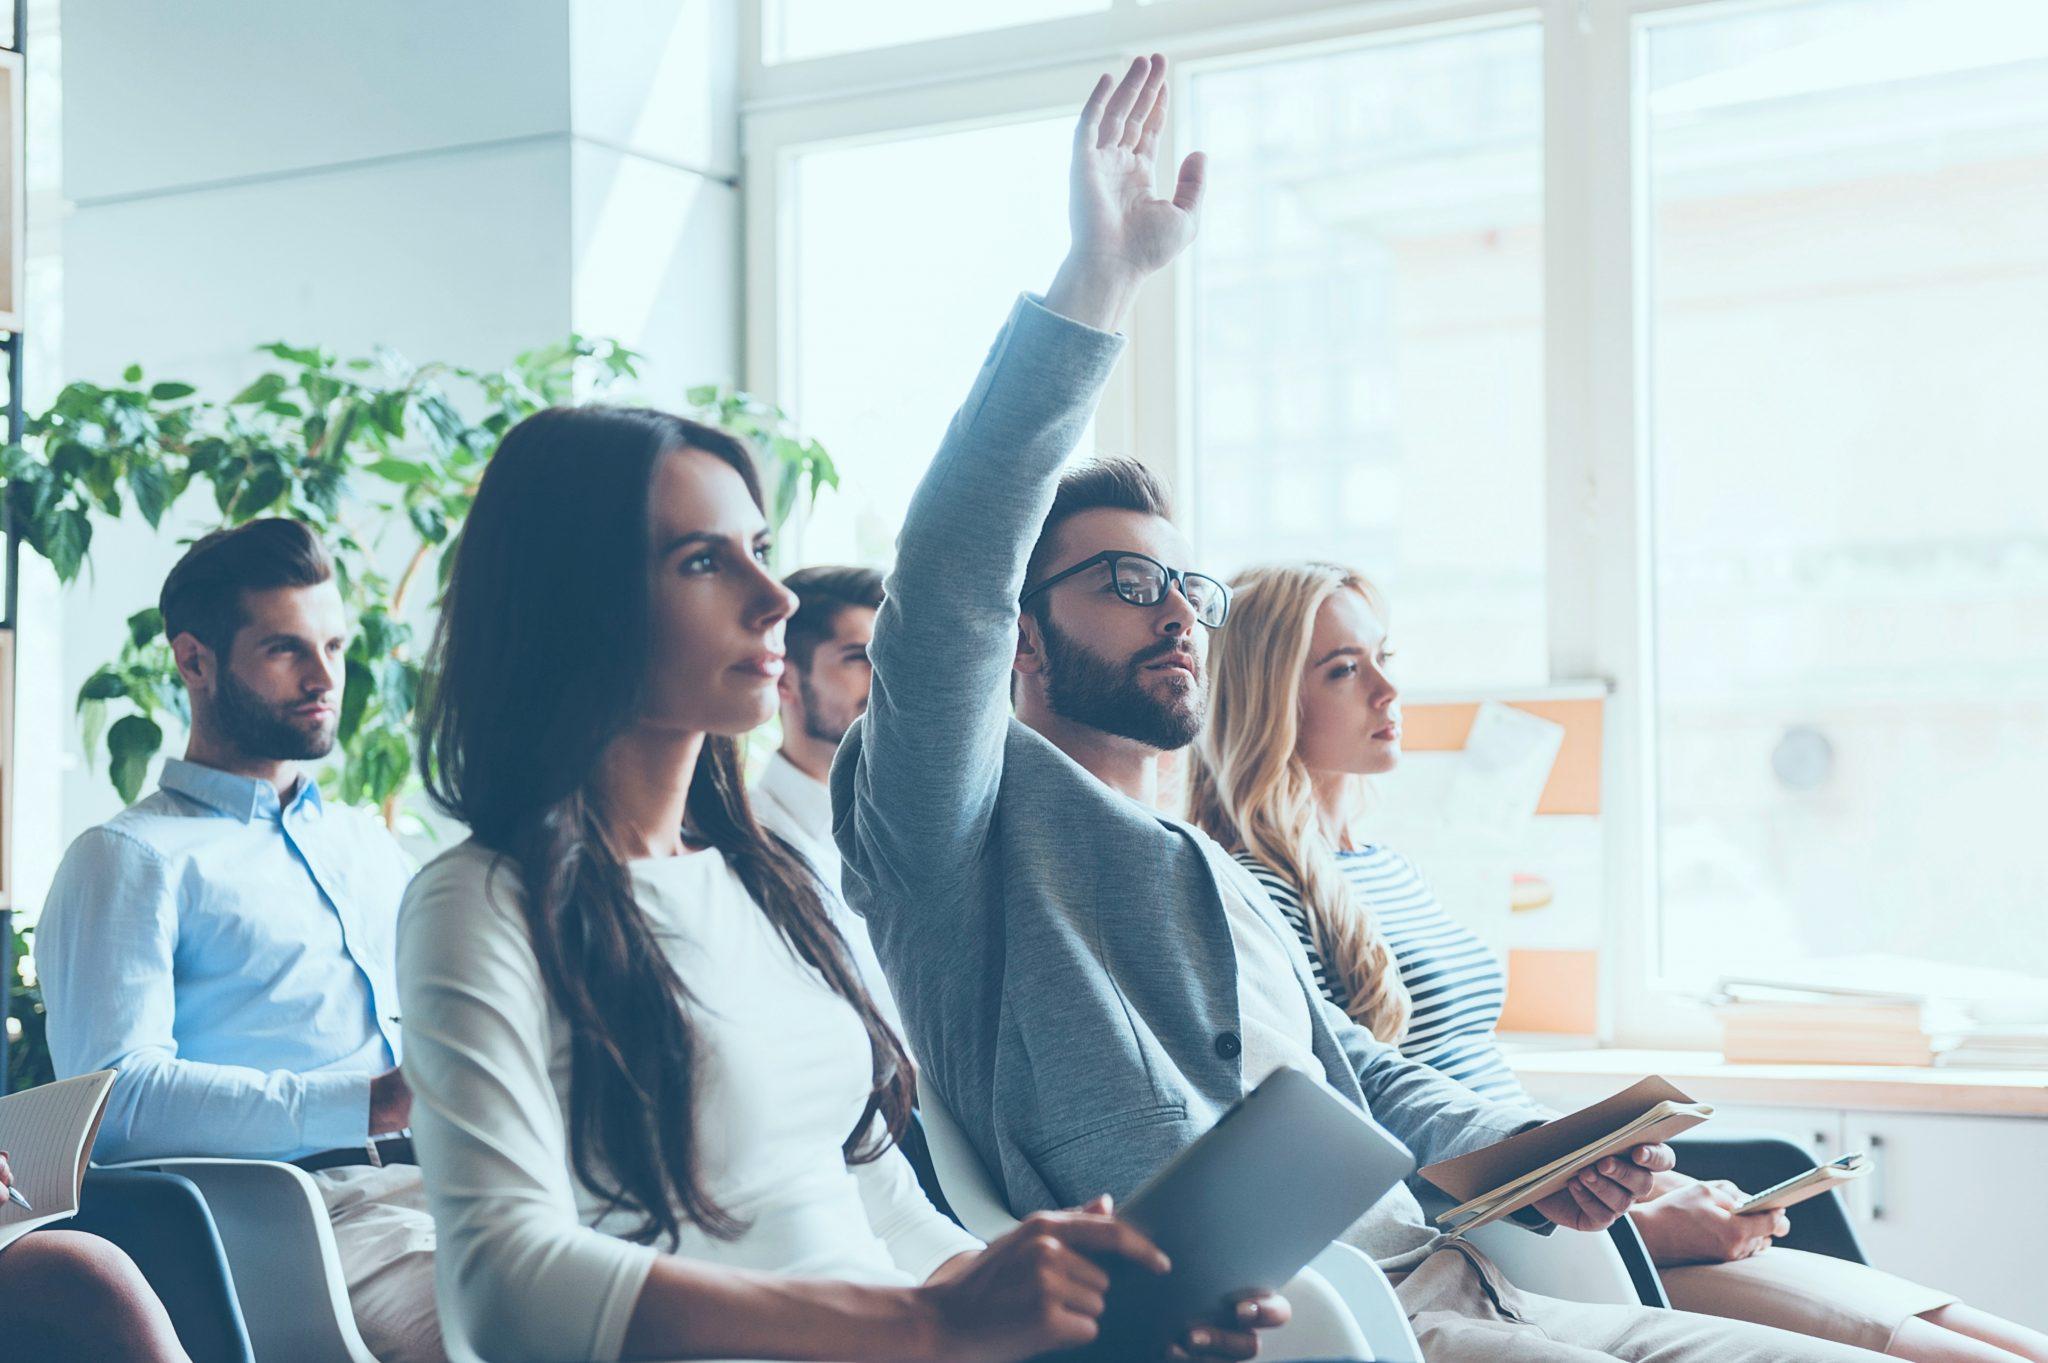 質問しようと手を挙げている男性